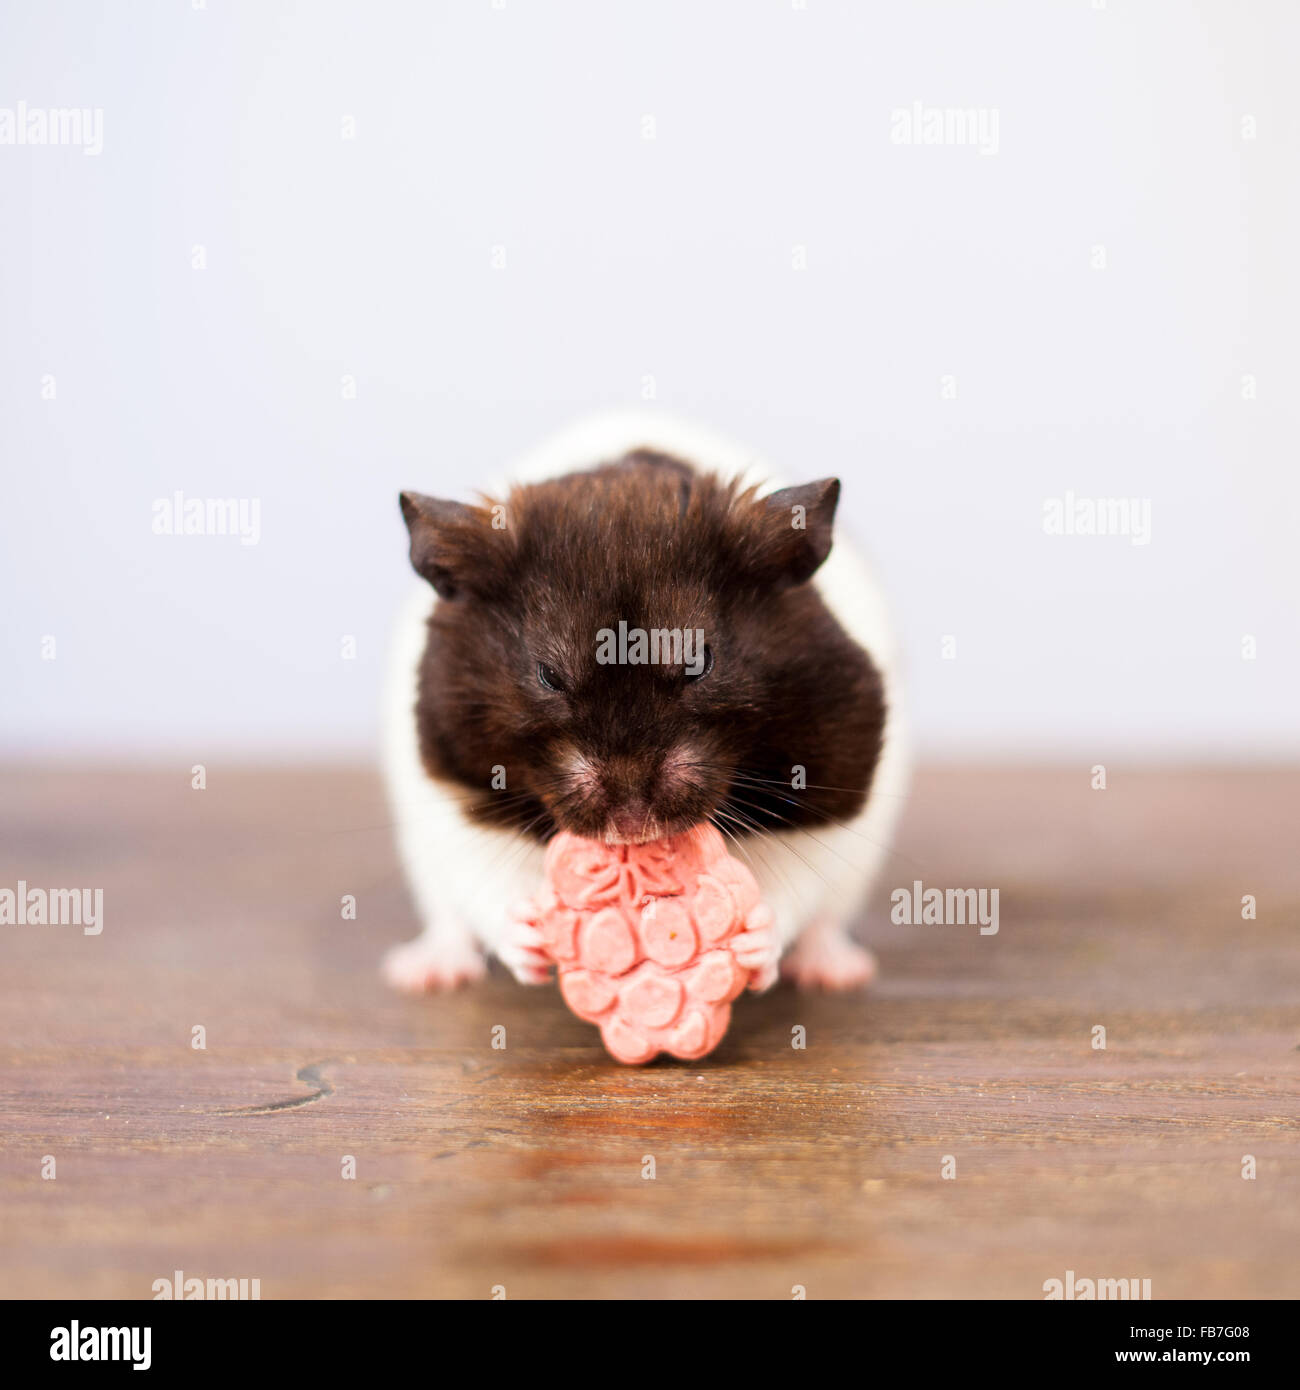 schwarz wei syrischen hamster essen eine rosa himbeere. Black Bedroom Furniture Sets. Home Design Ideas